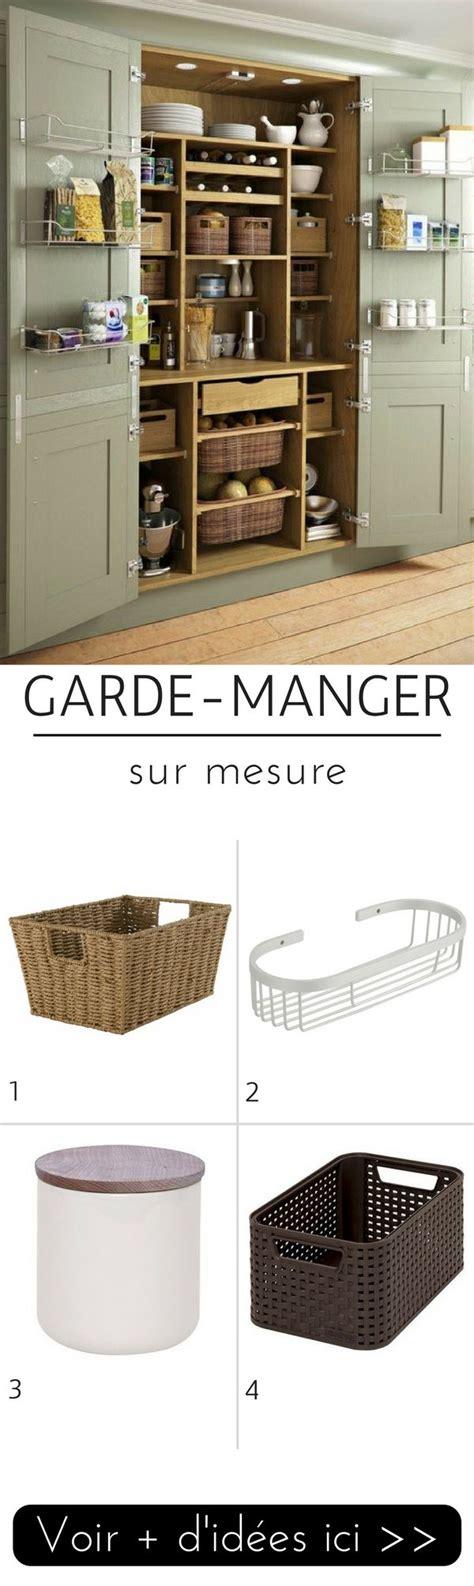 meuble cuisine trigano meuble garde manger cuisine gardemanger design et